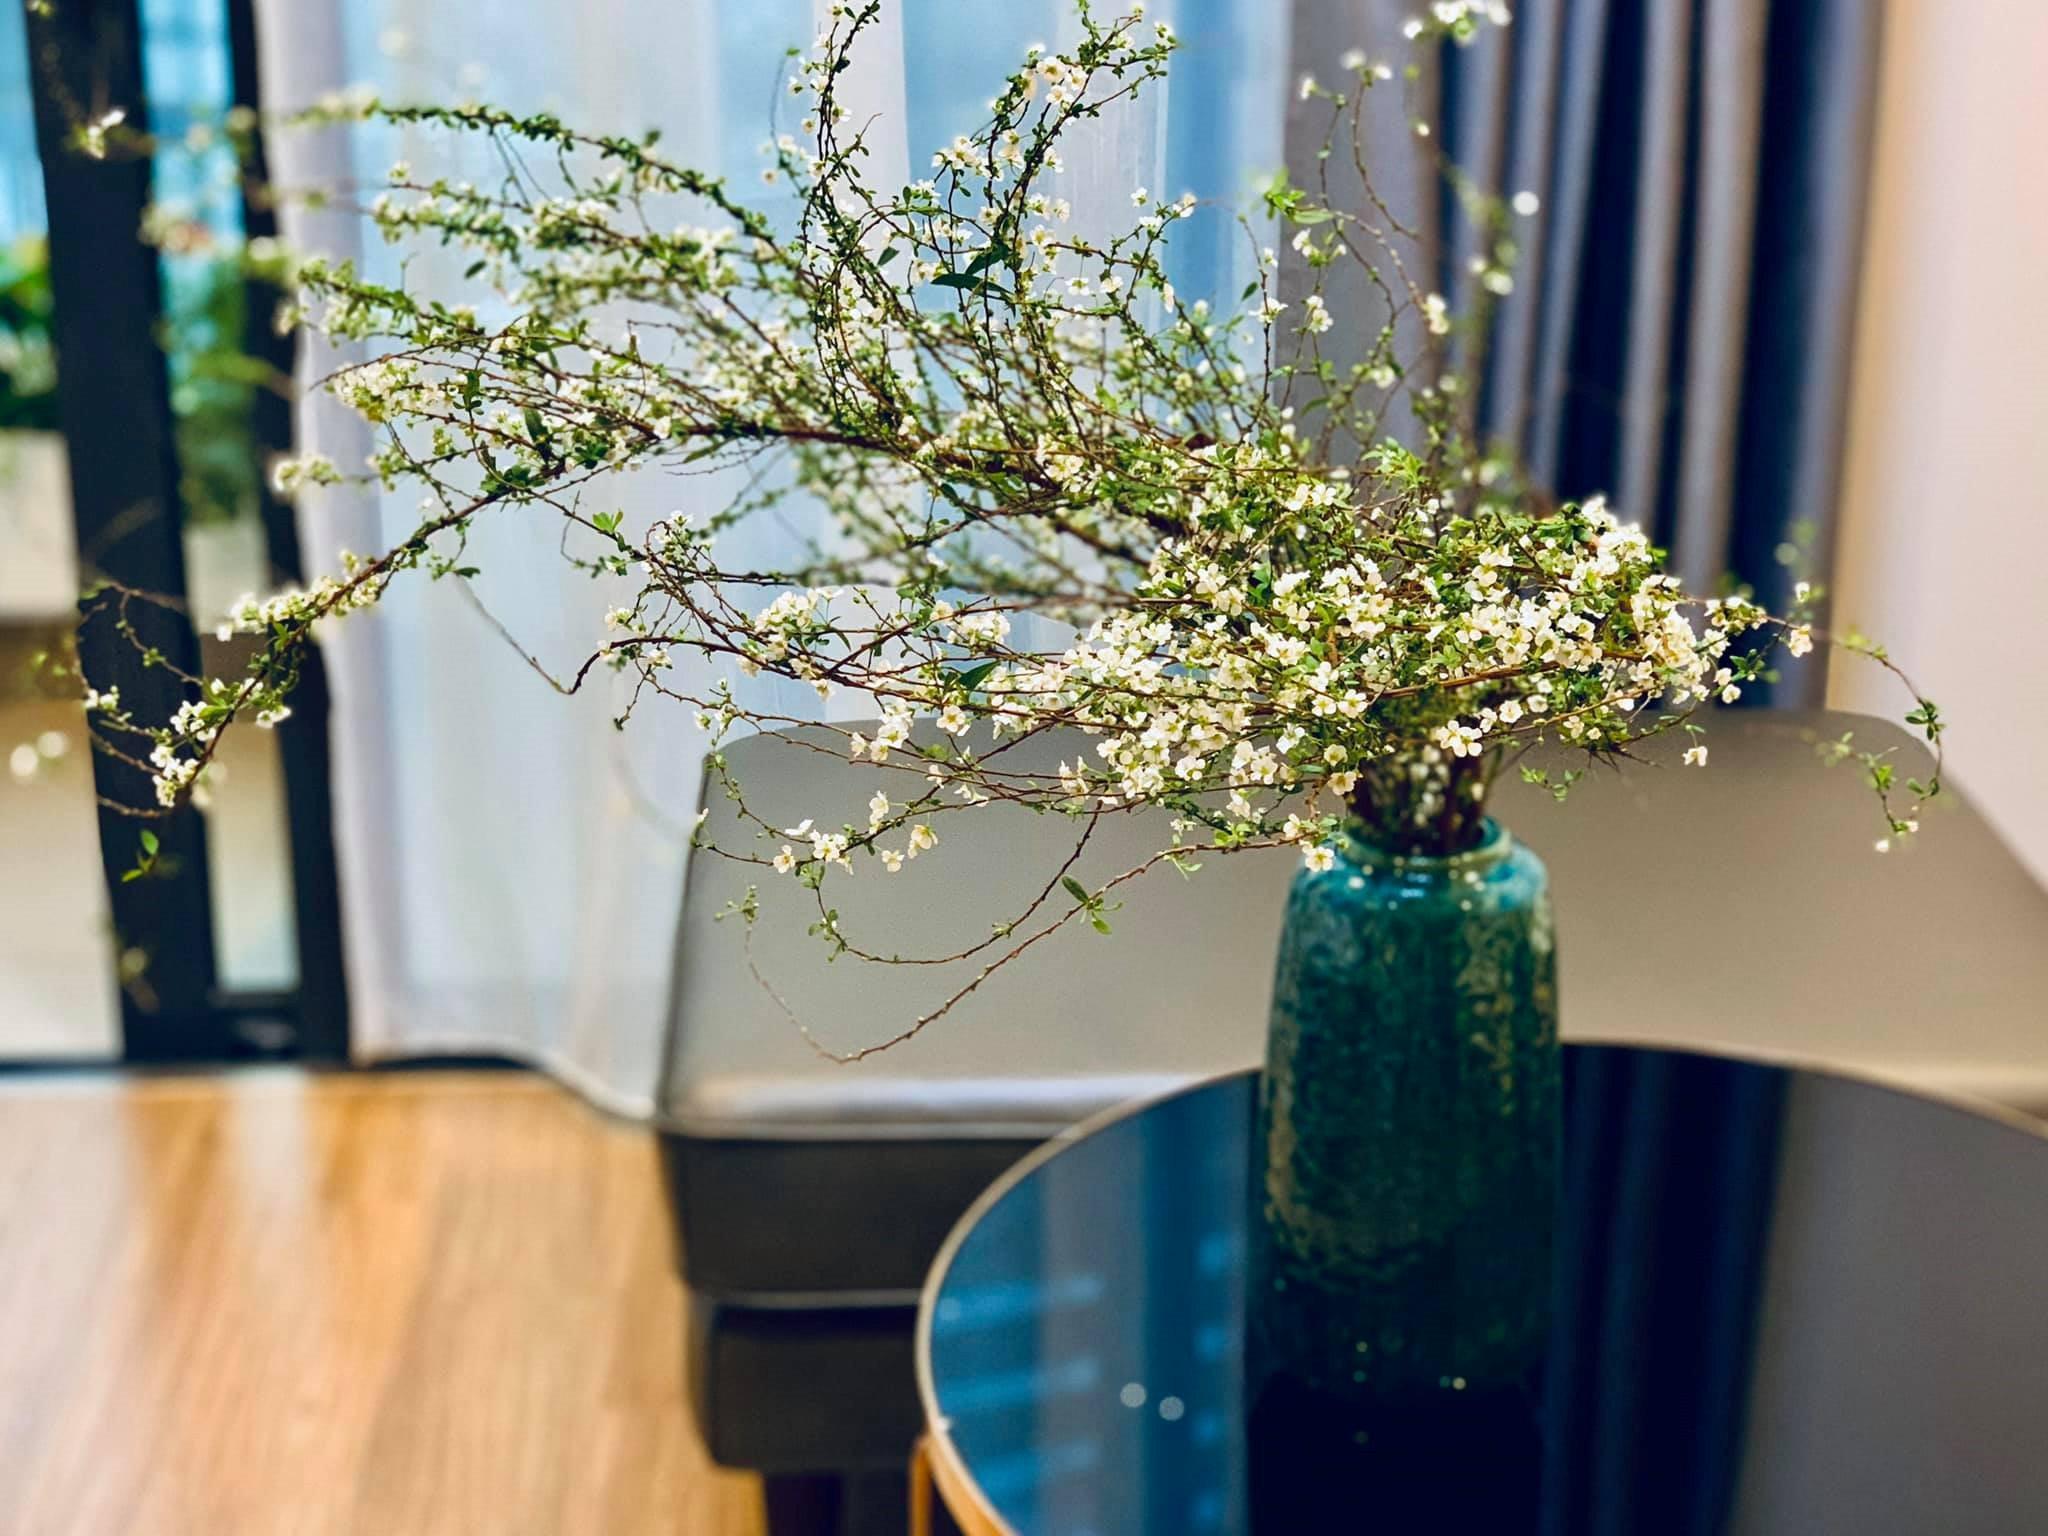 Những loại hoa nhập khẩu đang được săn lùng ráo riết dịp Tết 2020